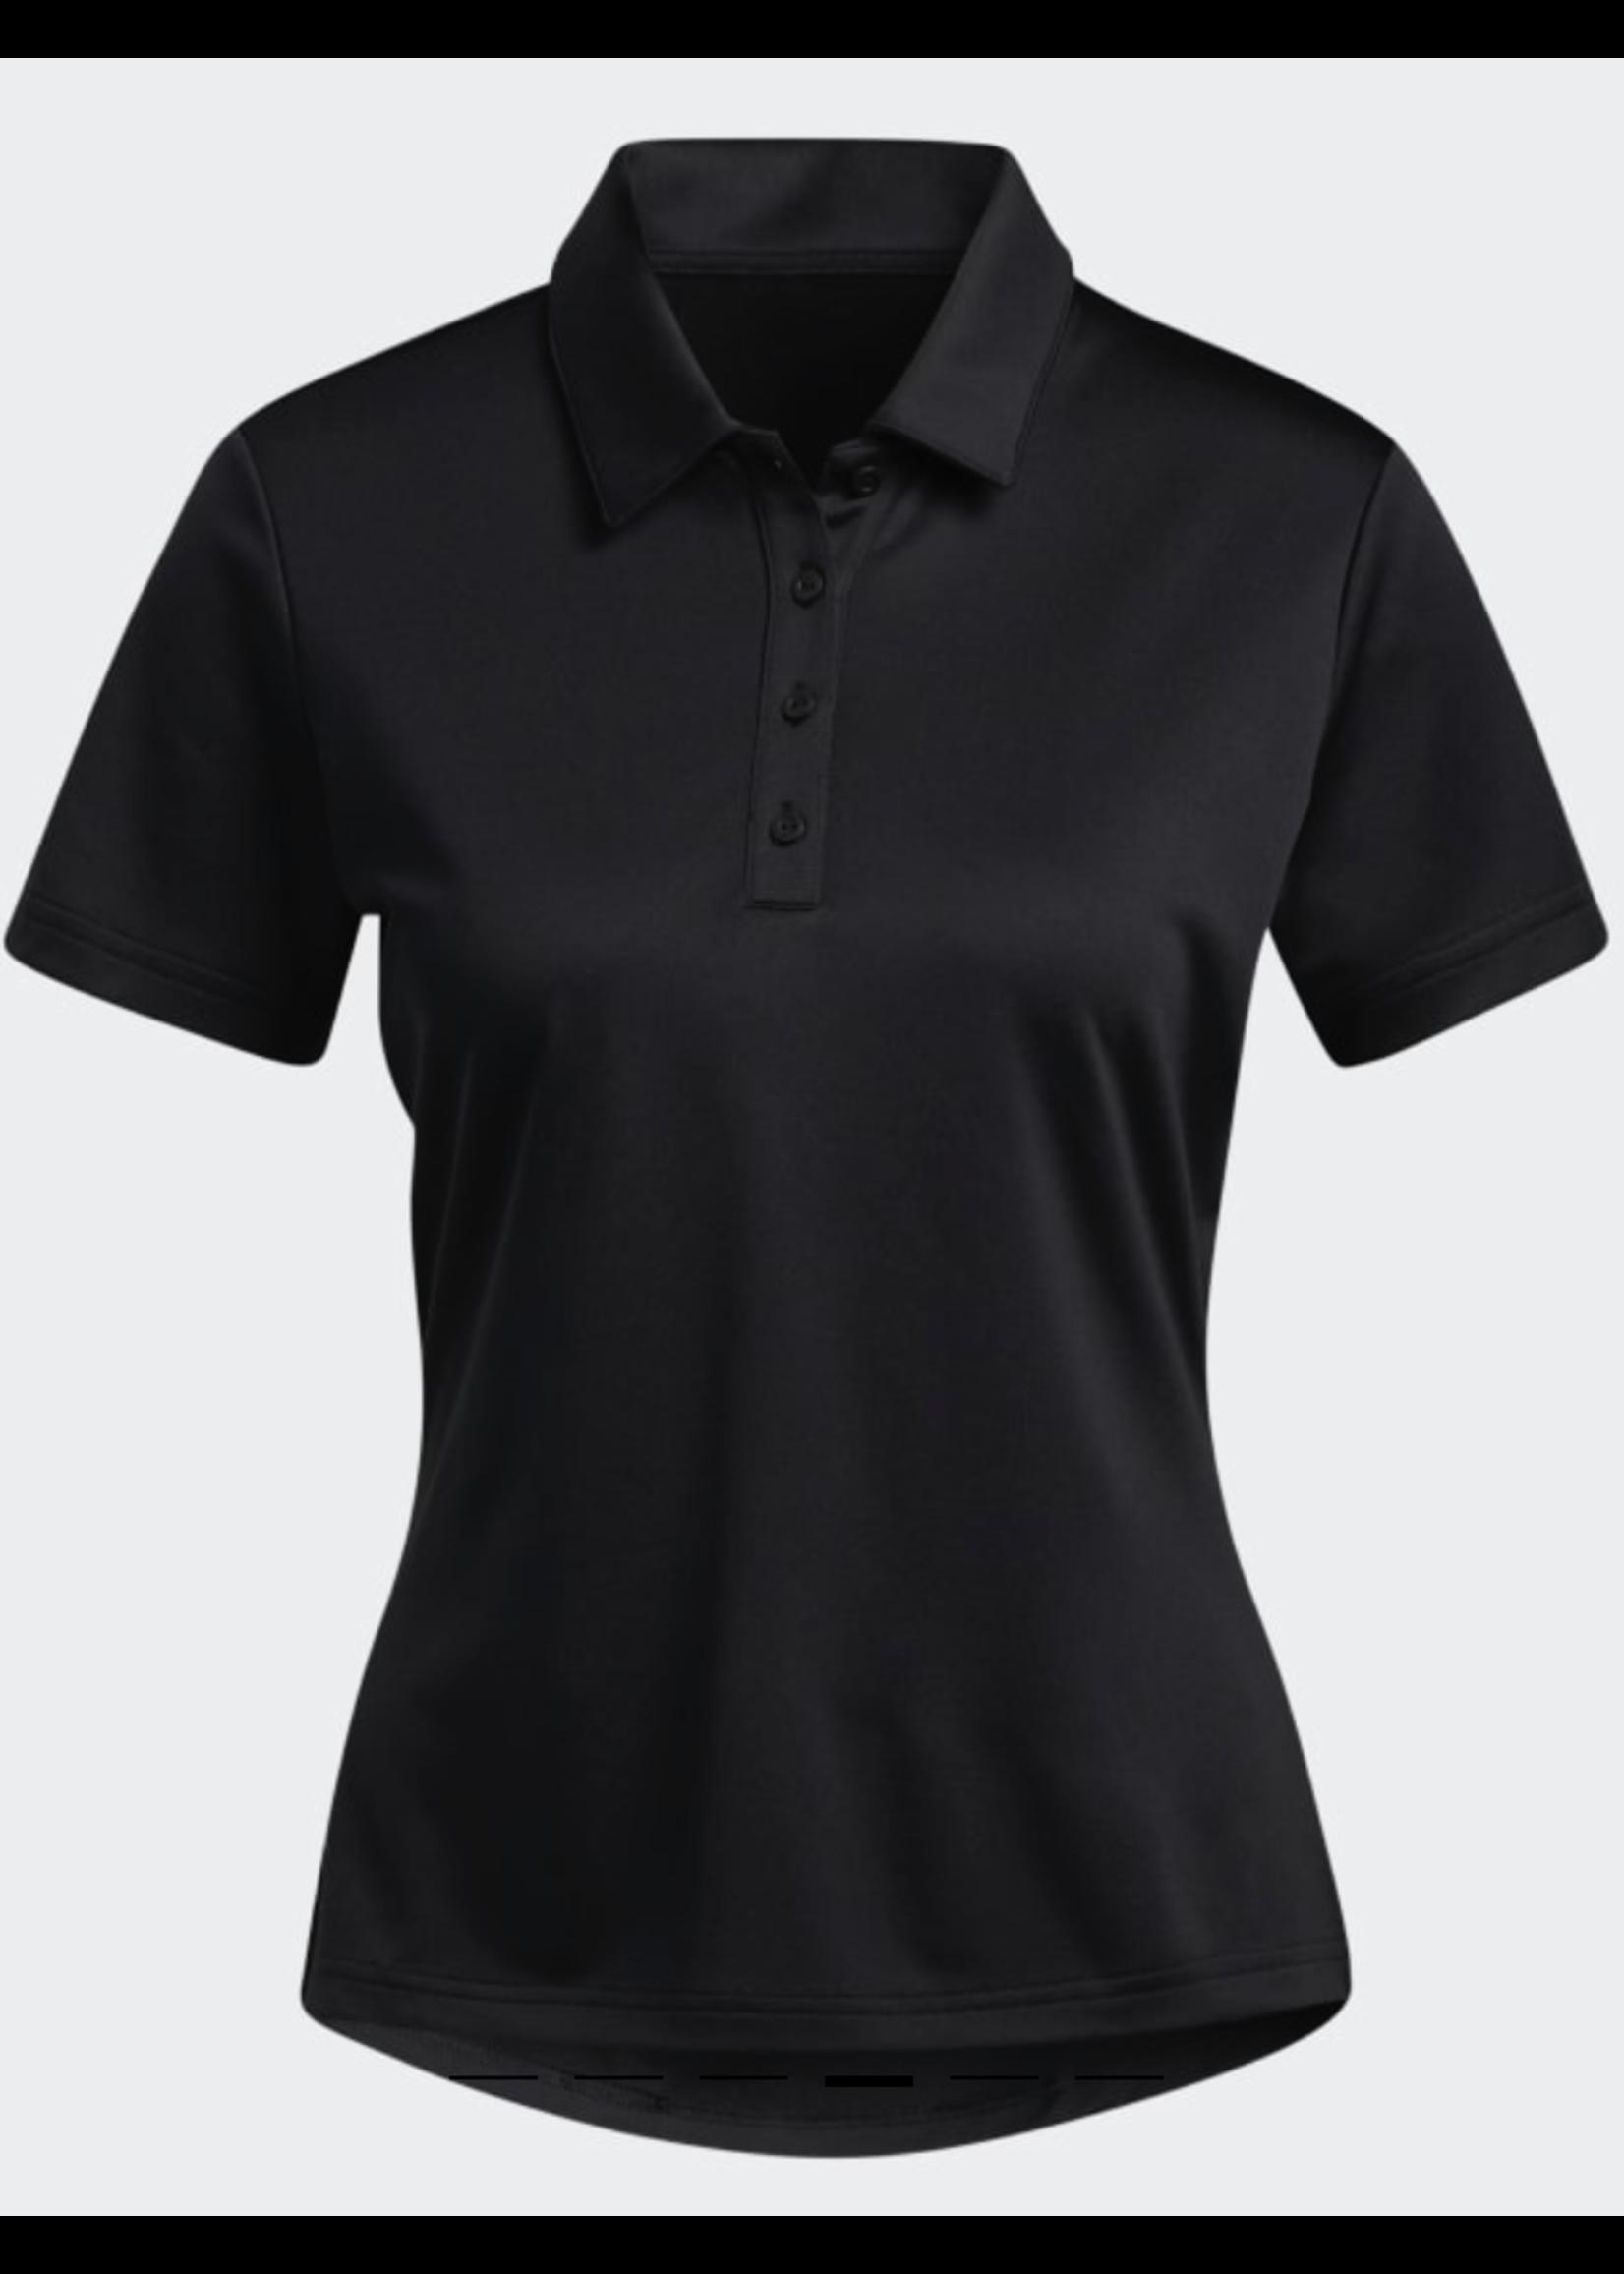 Women's Adidas Polo - Small